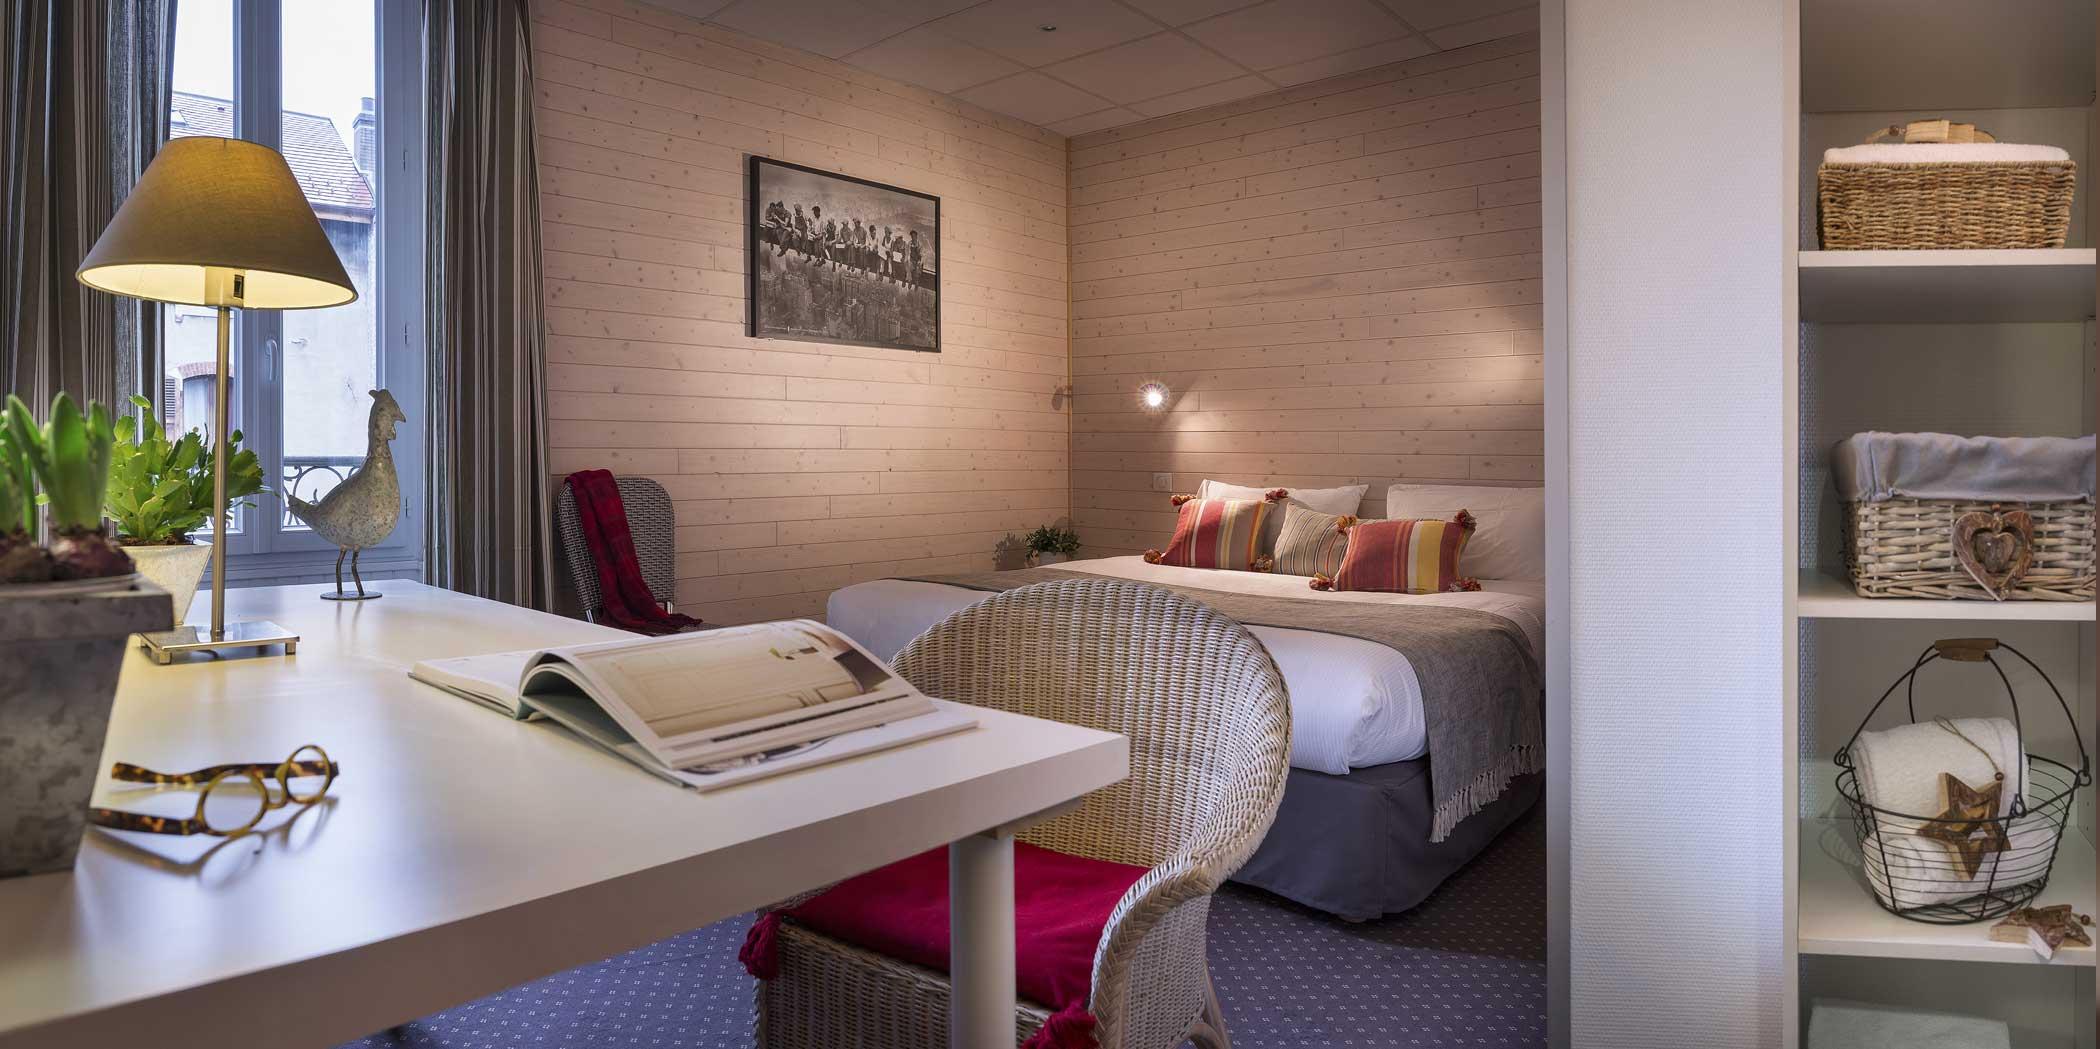 Chambre Double - Weekend en amoureux à Annecy